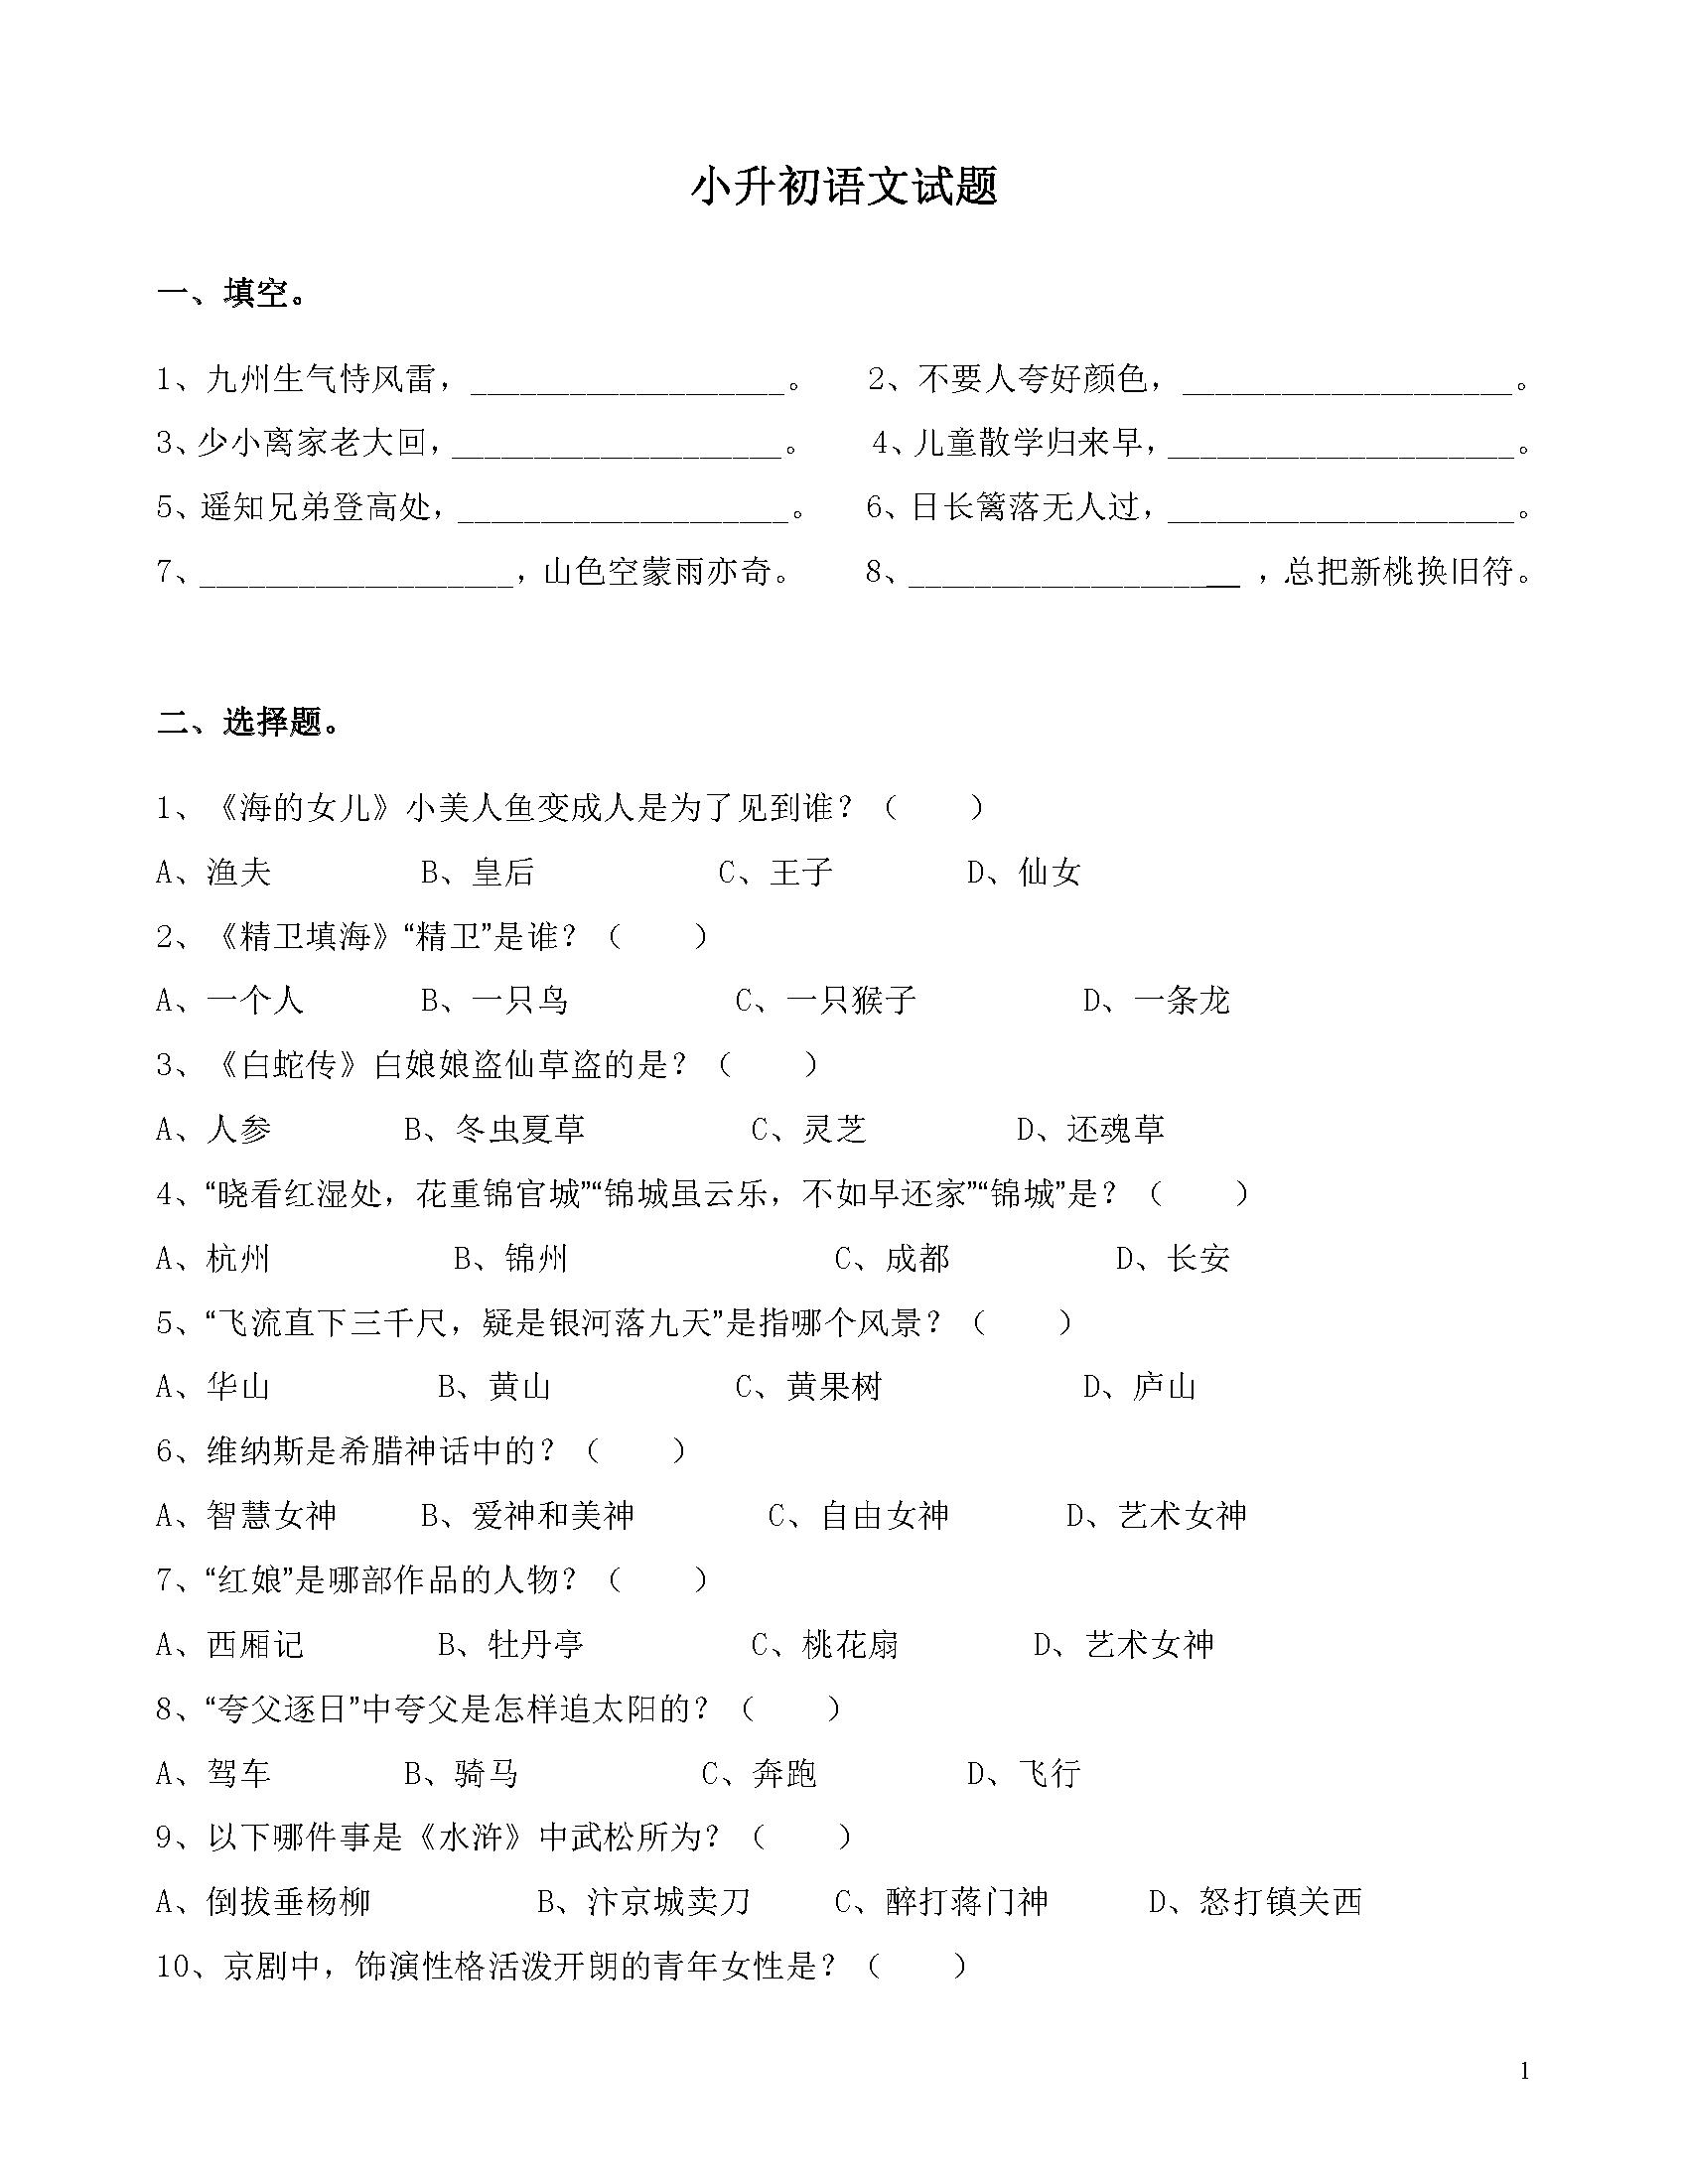 小学上初中语文试题_试卷下载:小升初语文试卷